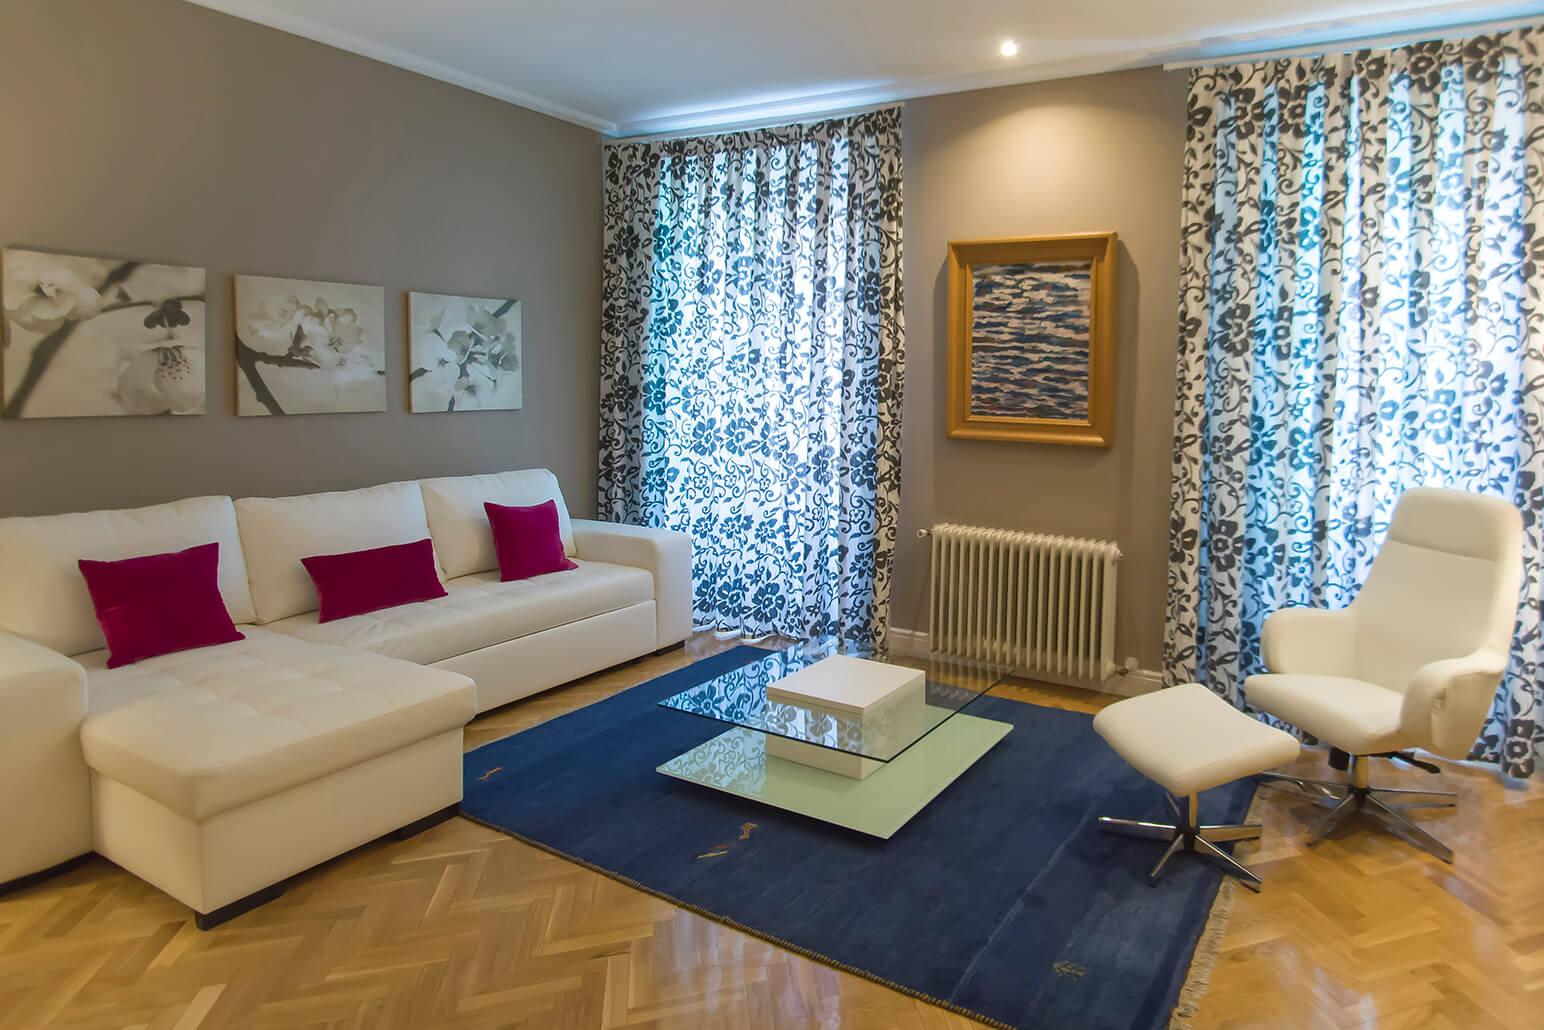 Sofa at Claudio Coello 14 Apartments, Recoletos, Madrid